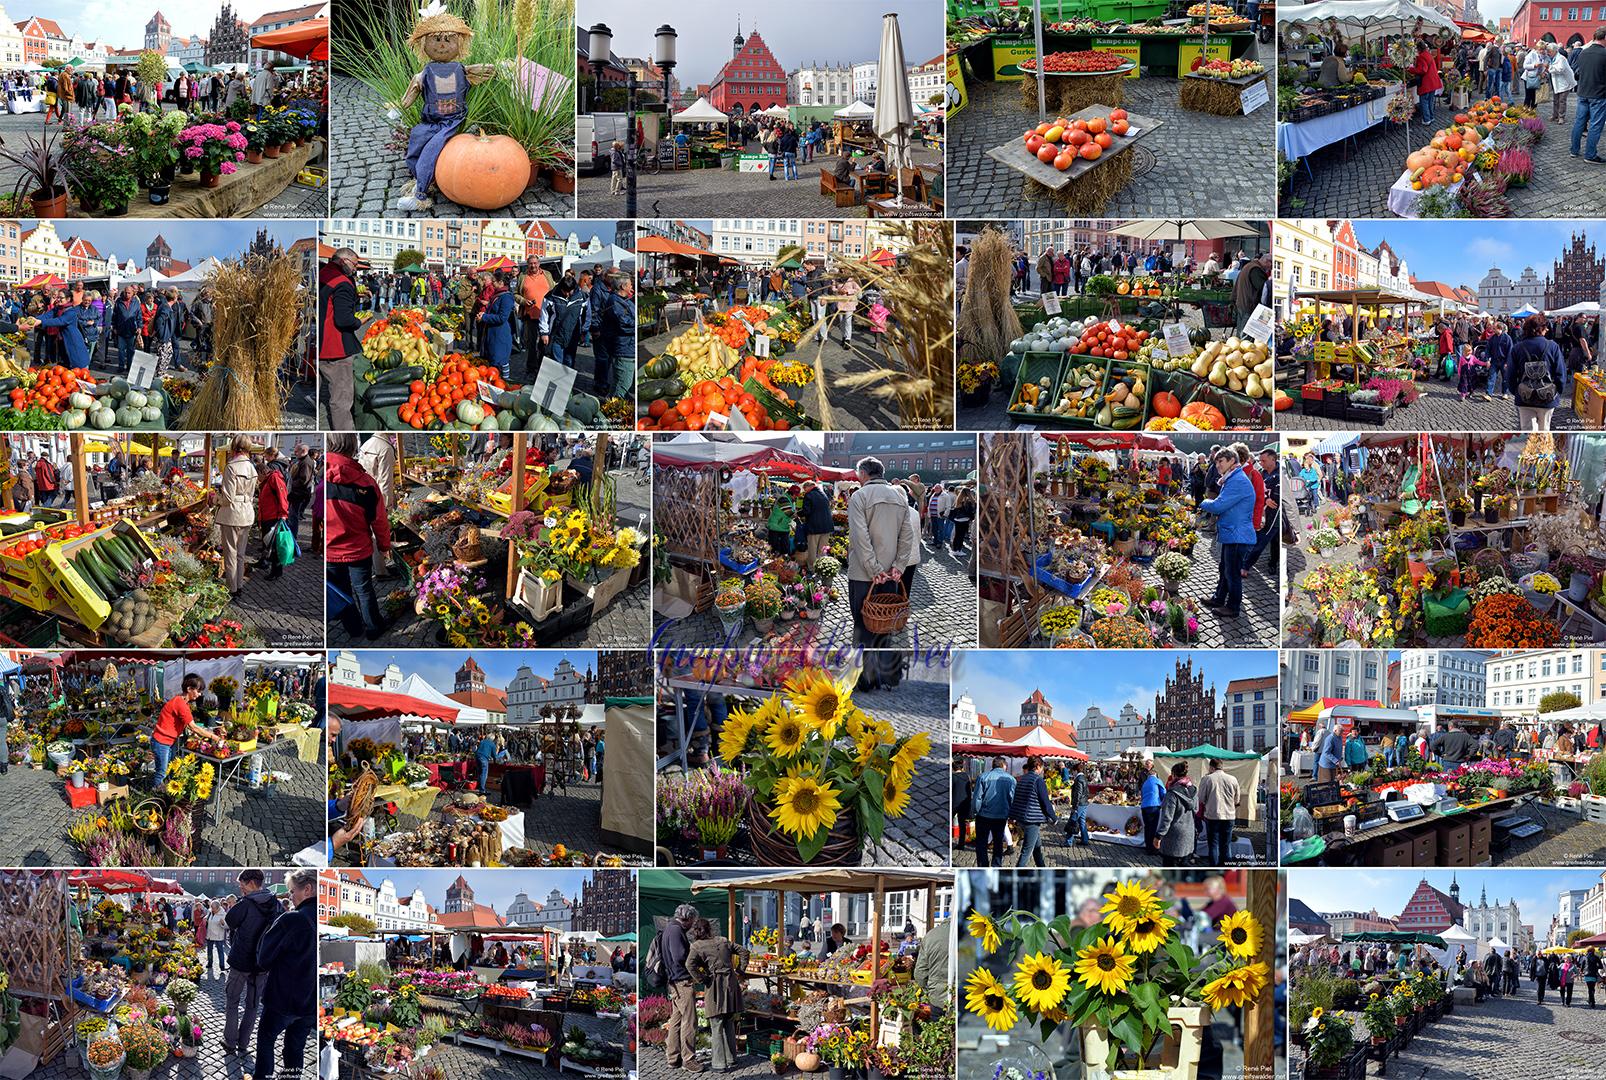 Erntedankmarkt 2015 in Greifswald